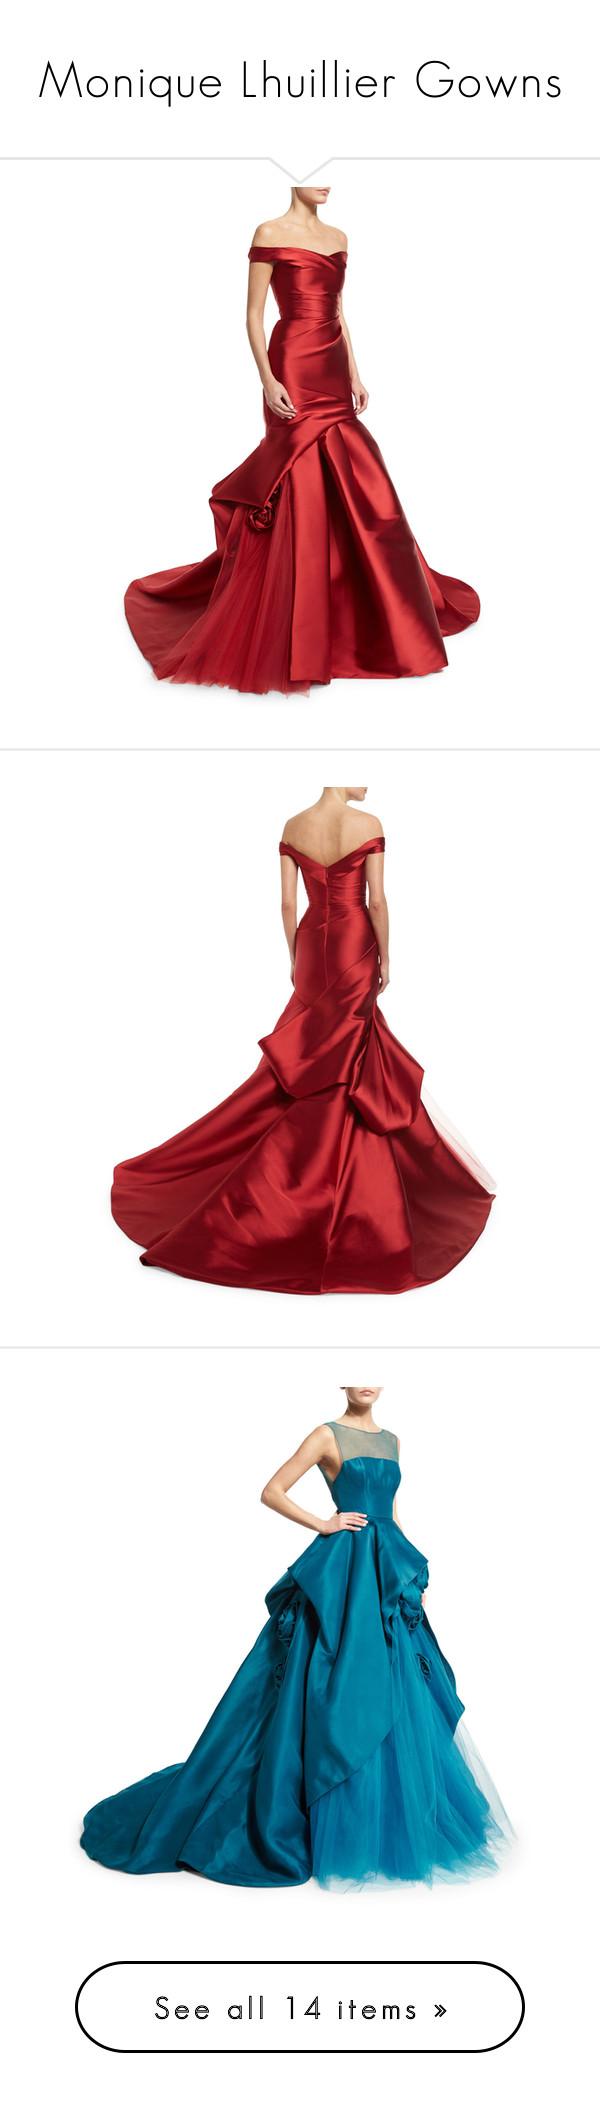 Monique lhuillier gowns